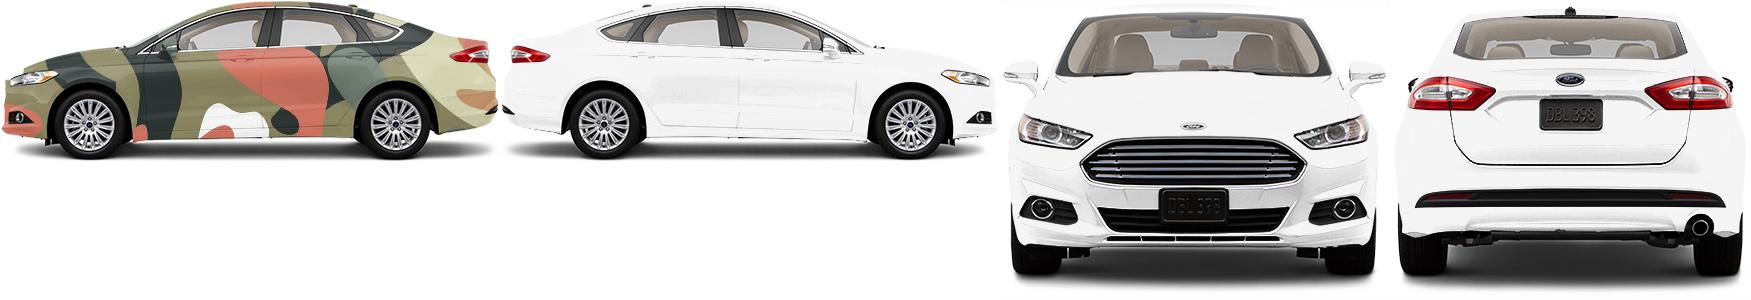 Sedan Wrap #48675